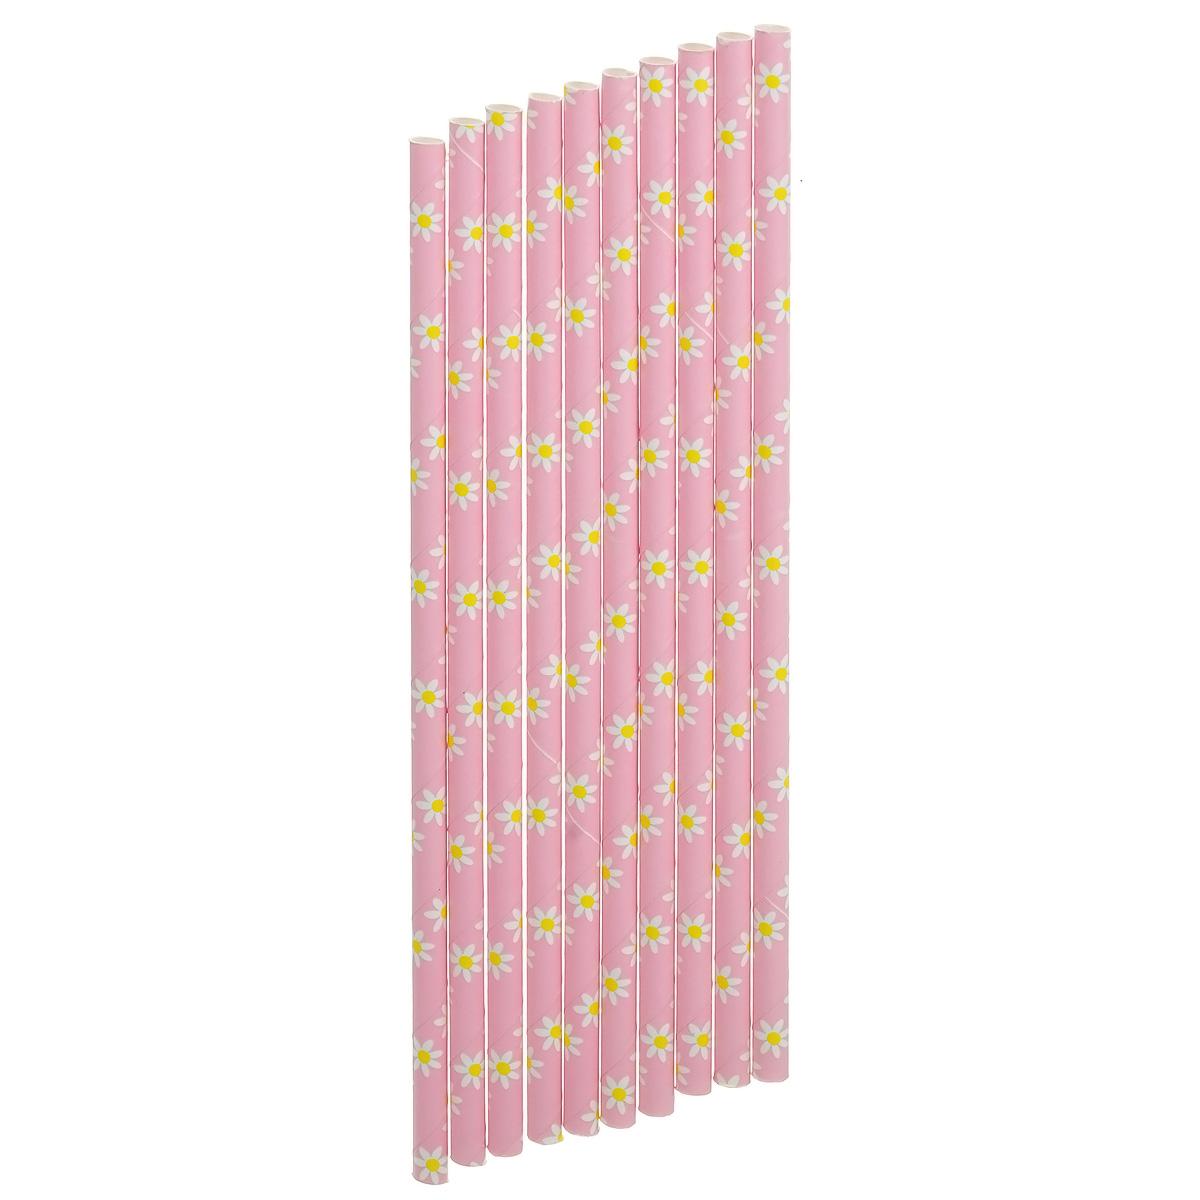 Набор бумажных трубочек Dolce Arti Ромашки, цвет: розовый, 10 штDA040222Набор Dolce Arti Ромашки состоит из 10 бумажных трубочек, предназначенных для напитков. Цветные трубочки станут не только эффектным украшением коктейлей, но и ярким штрихом вашего сладкого стола. С набором Dolce Arti Ромашки ваш праздник станет по-настоящему красочным!Длина трубочки: 19,5 см. Диаметр трубочки: 5 мм.